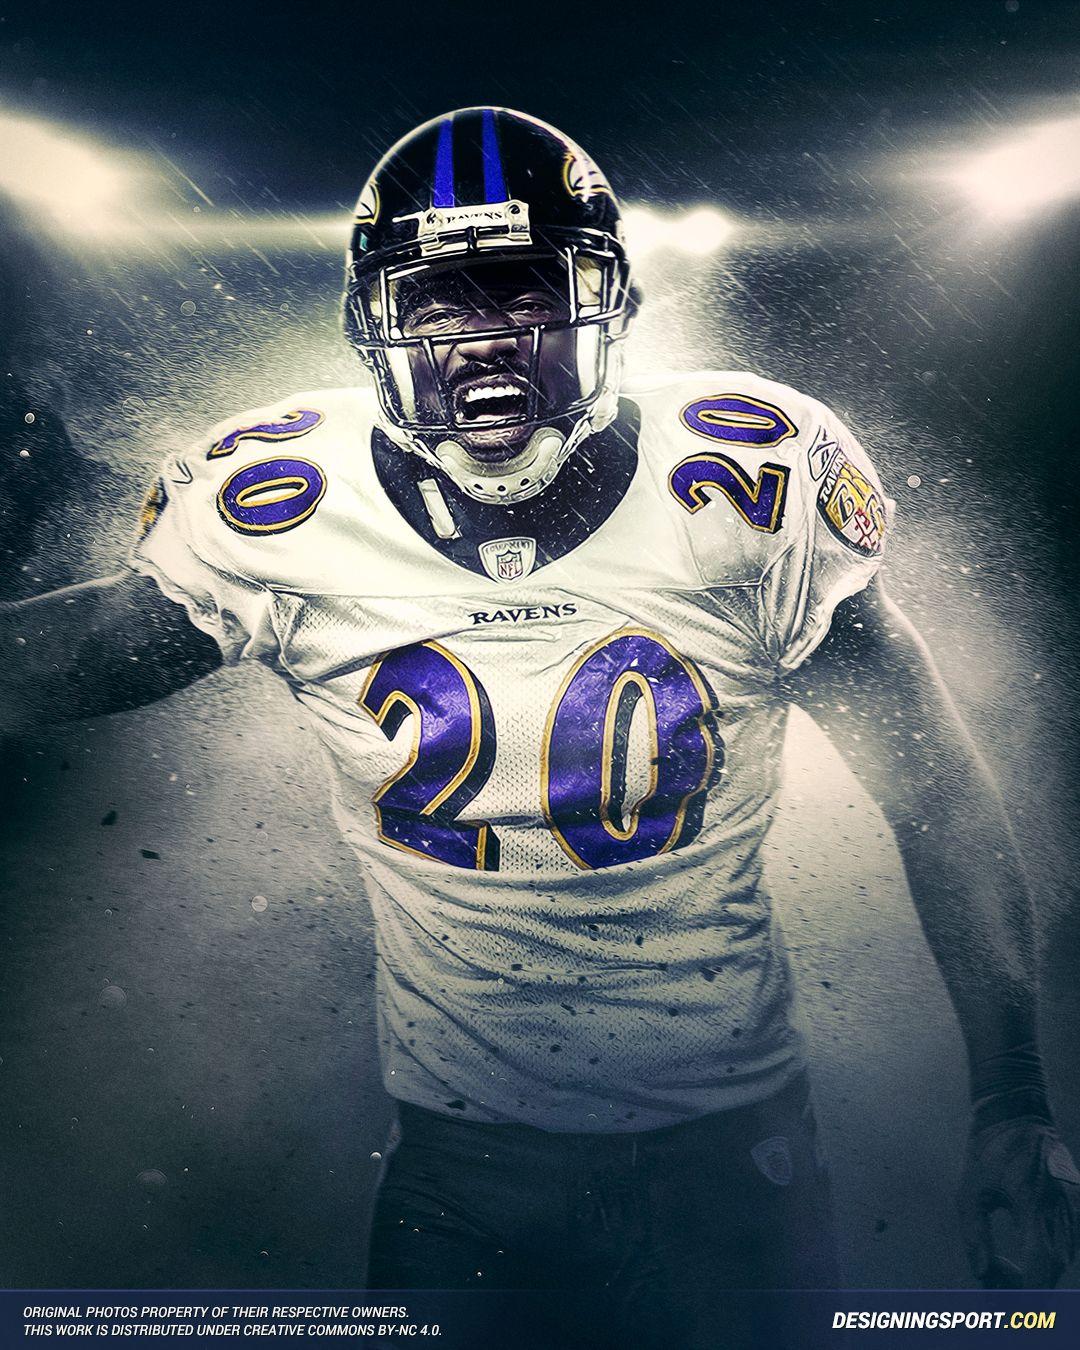 Baltimore Wallpaper: Ed Reed, Baltimore Ravens